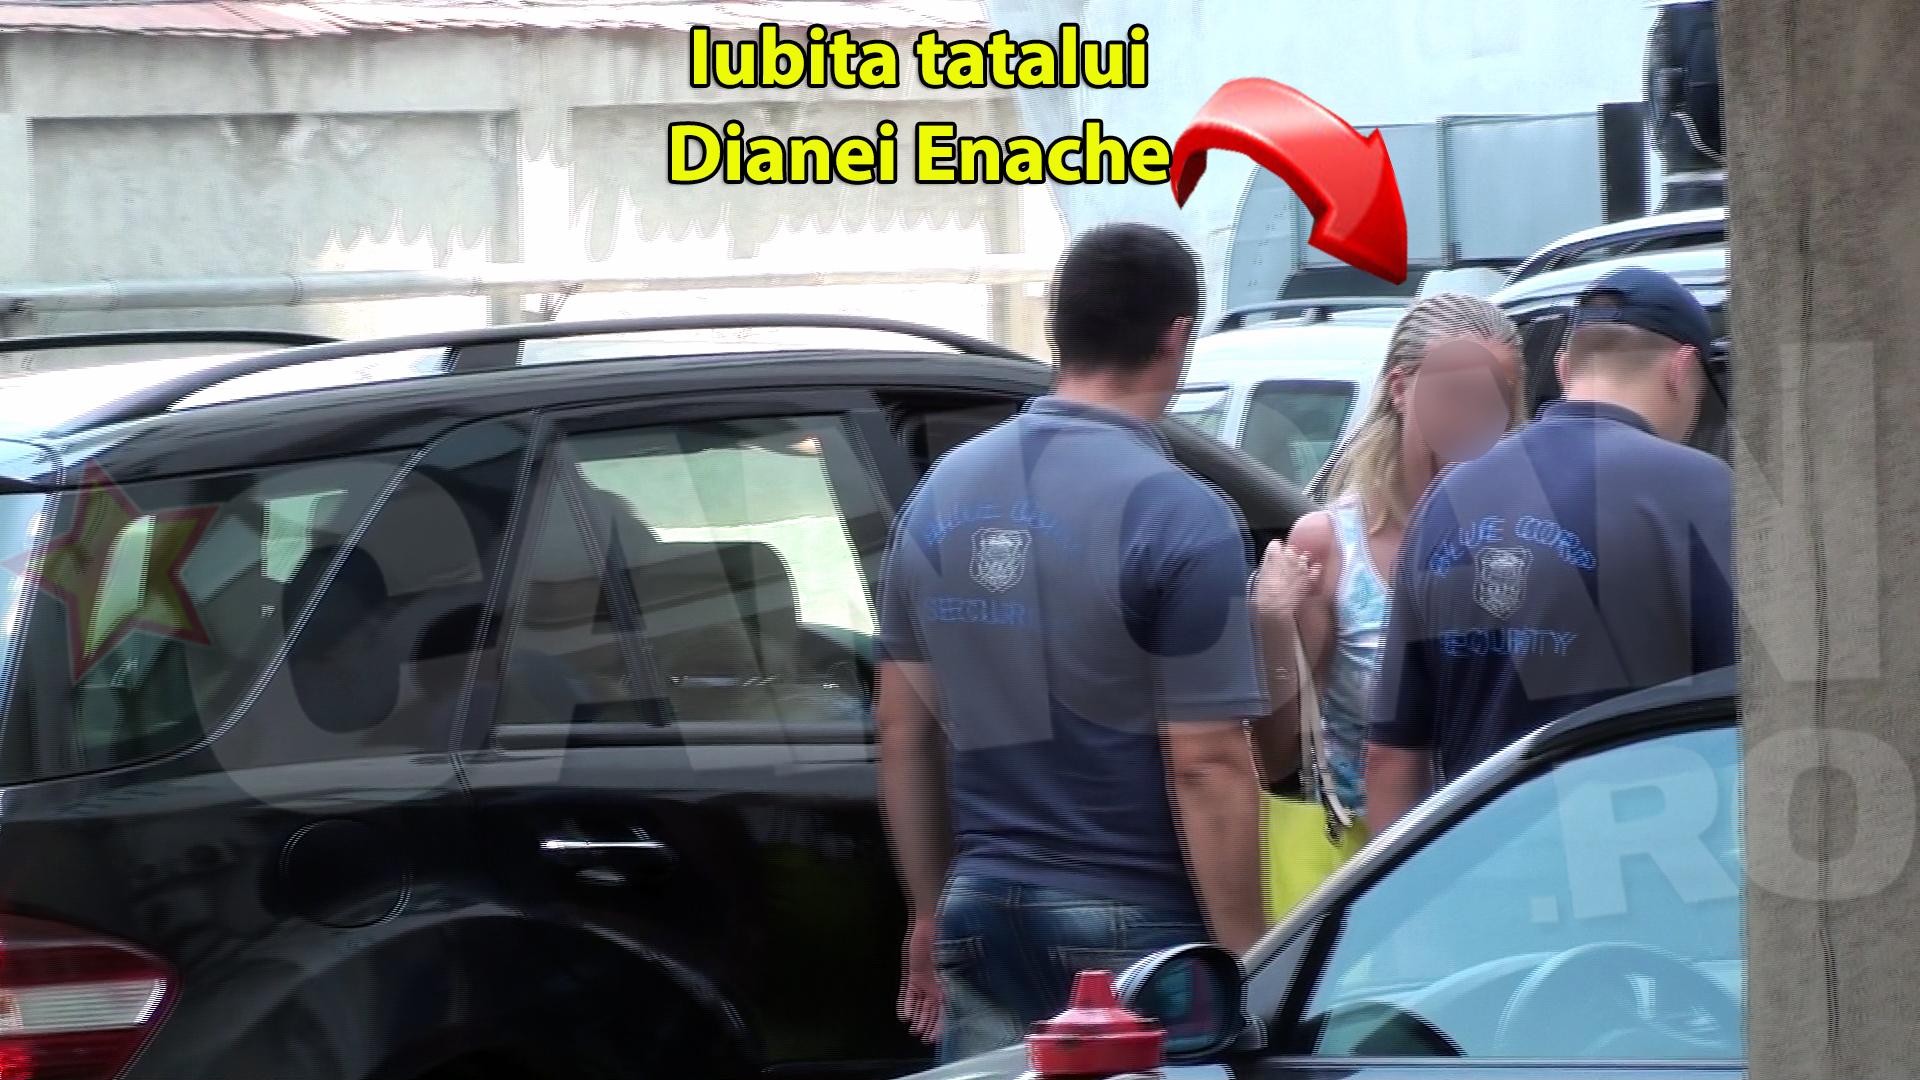 Iubita tatalui Dianei Enache a venit astazi la spitalul unde este internata tanara